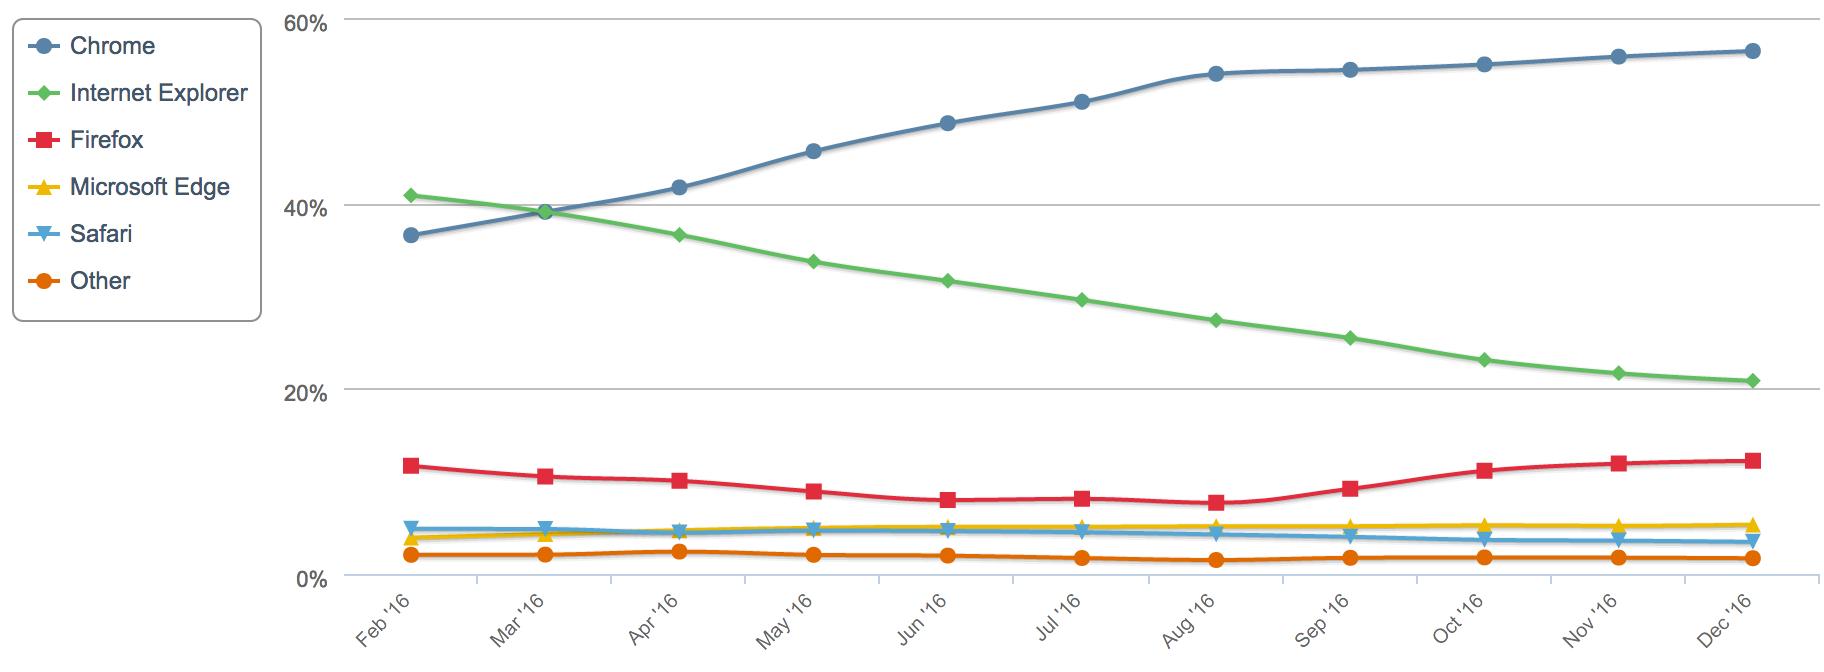 IE 市场份额暴跌,Edge 能否守住微软的辉煌-芊雅企服